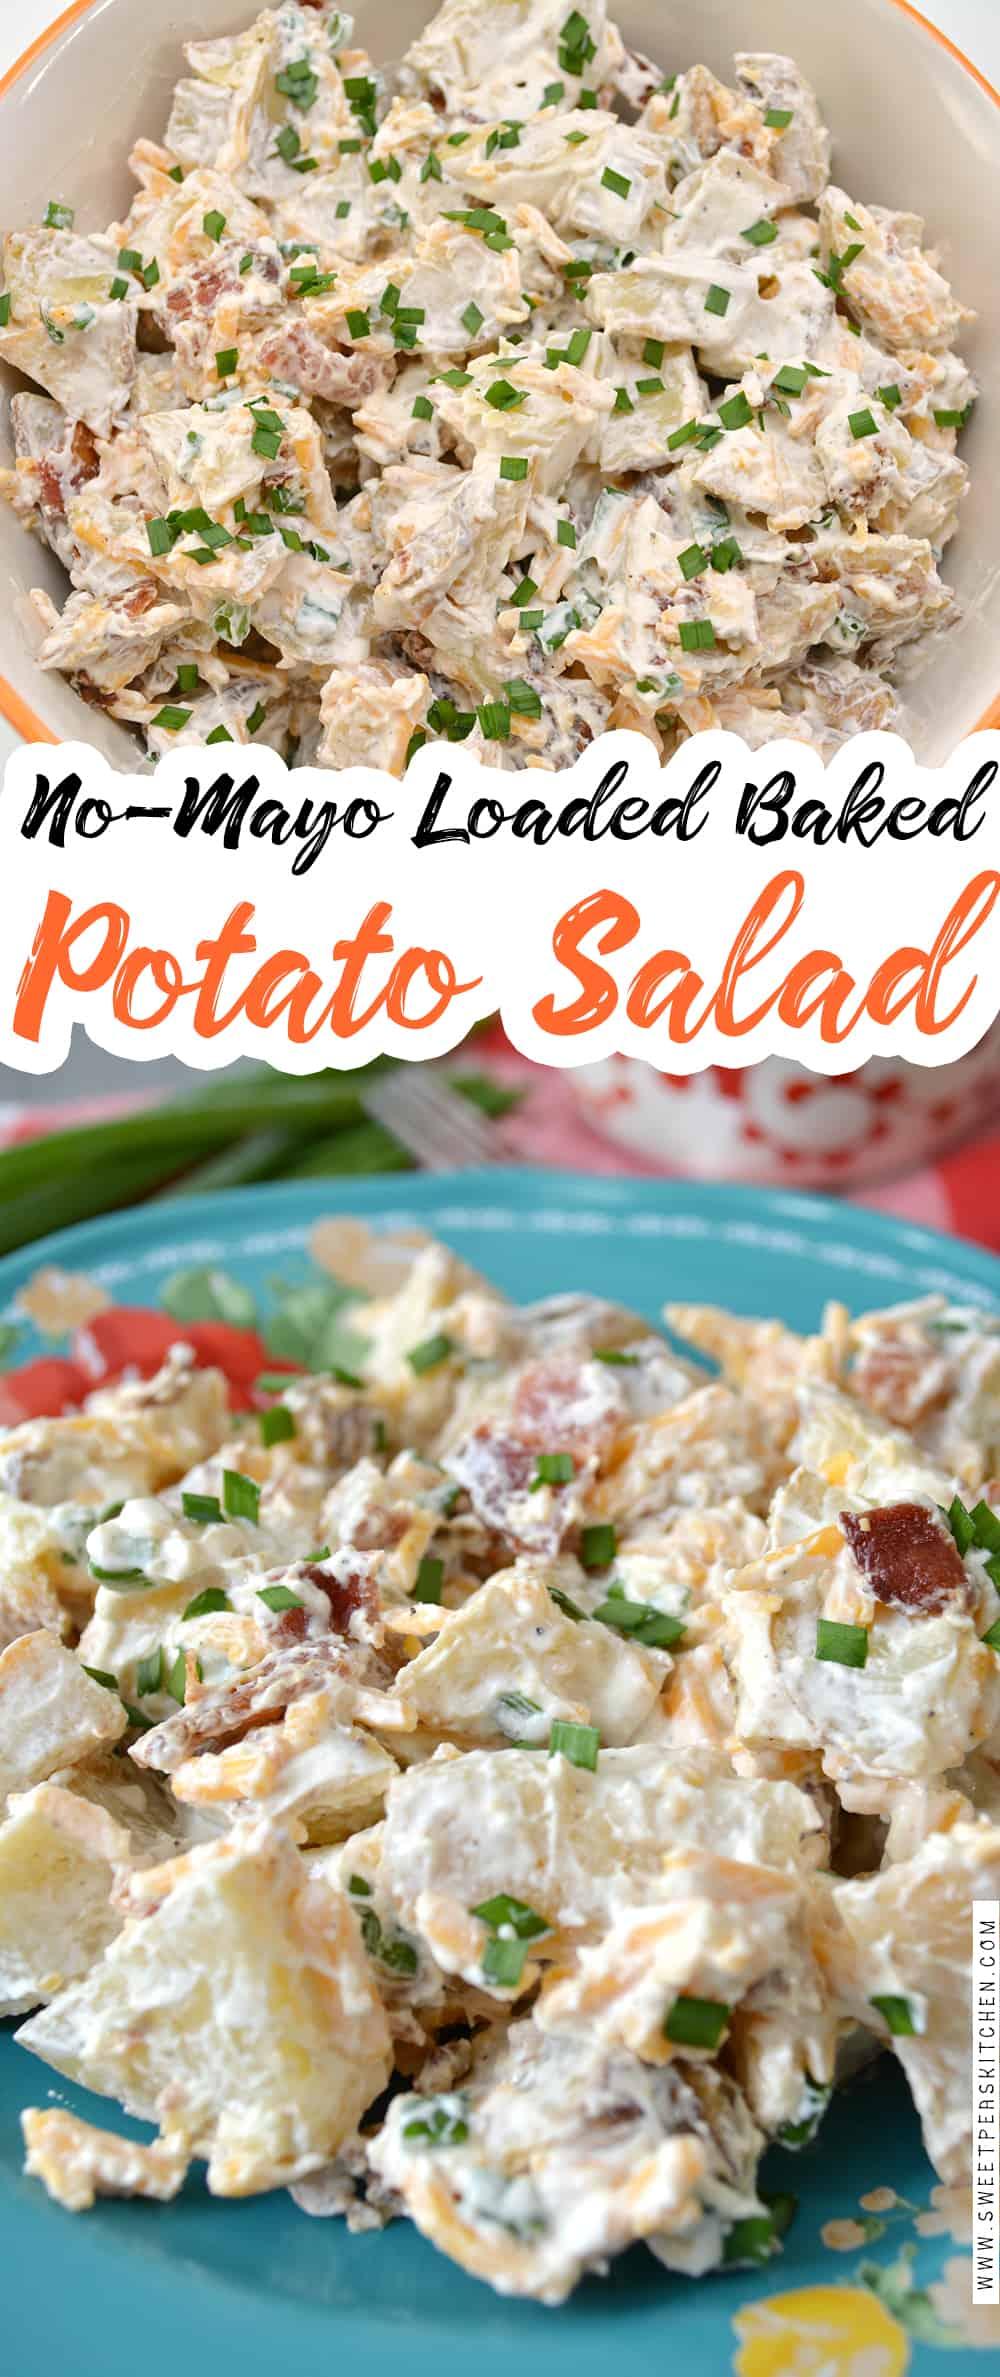 No-Mayo Loaded Baked Potato Salad